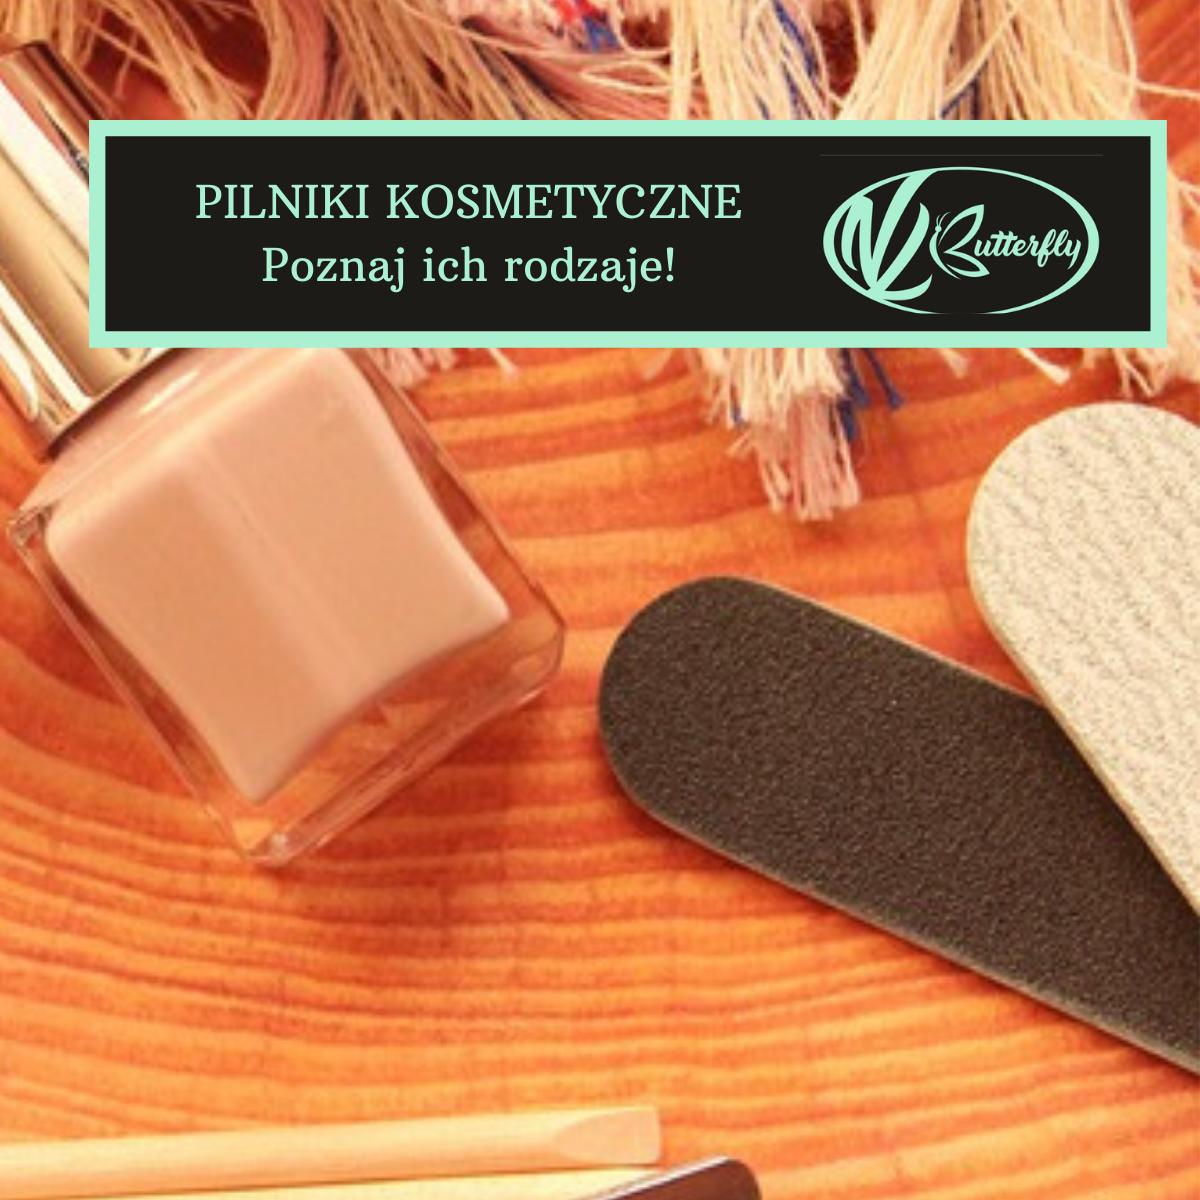 Pilniki kosmetyczne — Poznaj ich rodzaje!